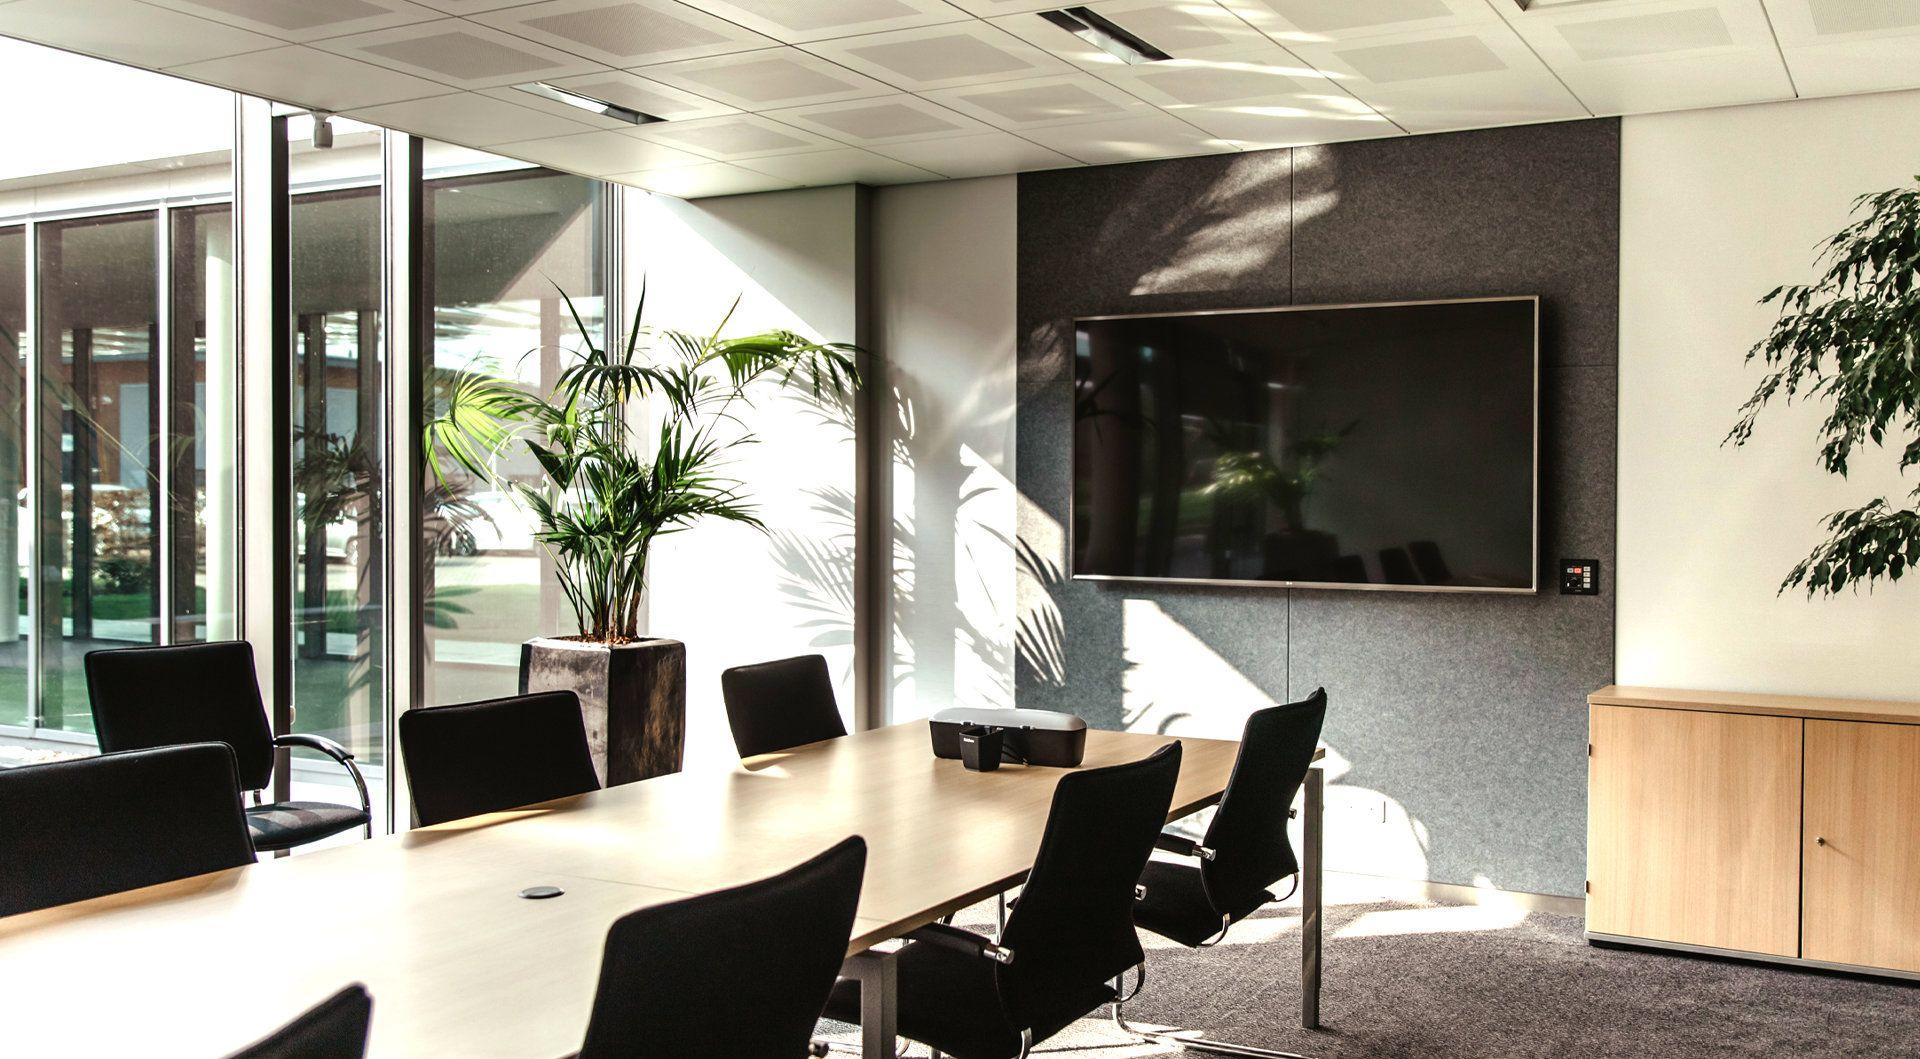 """Conen Mounts SCETADB flat panel vloer standaard 3,05 m (120"""") Draagbare flatscreen vloerstandaard Aluminium, Zwart - Case studie de vries"""